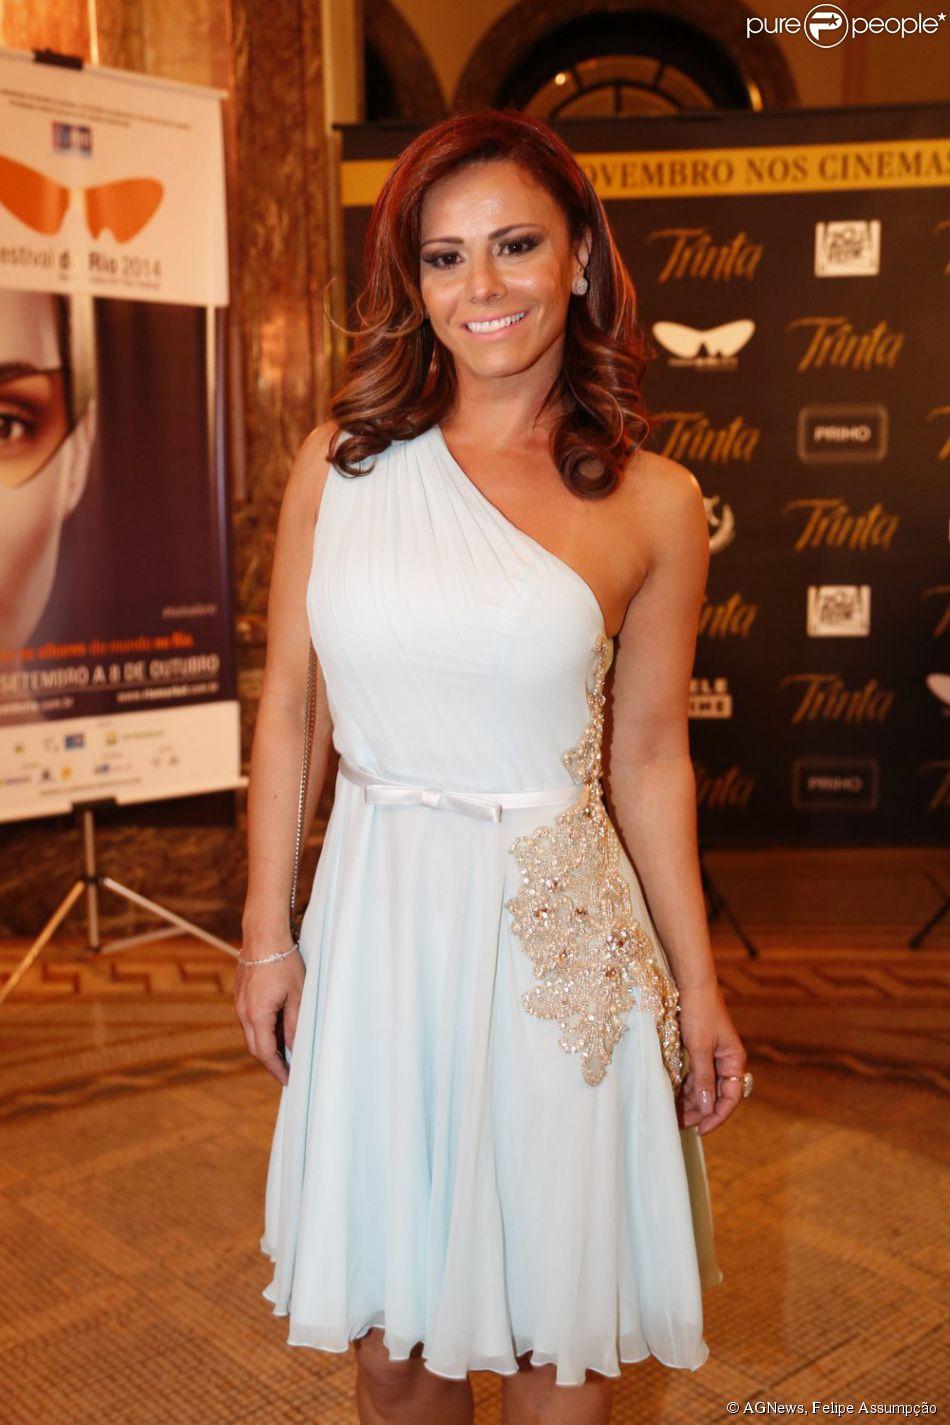 Viviane Araújo prestigia pré-estreia do filme 'Trinta' no Festival do Rio, em 1 de outubro de 2014